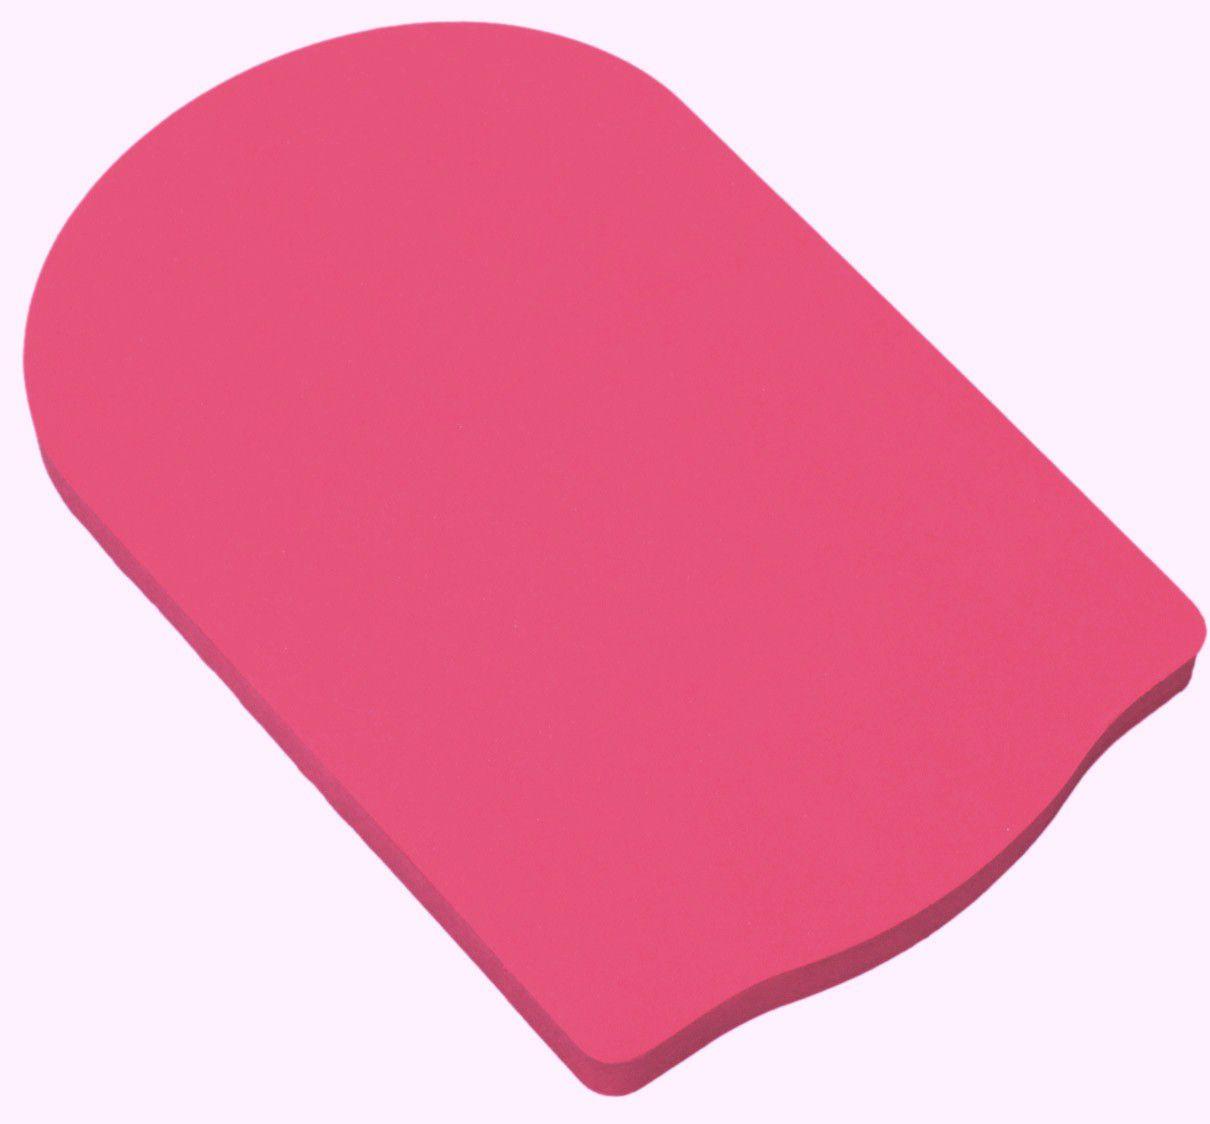 Prancha Pequena Natação Rosa - 32x32cm 30mm